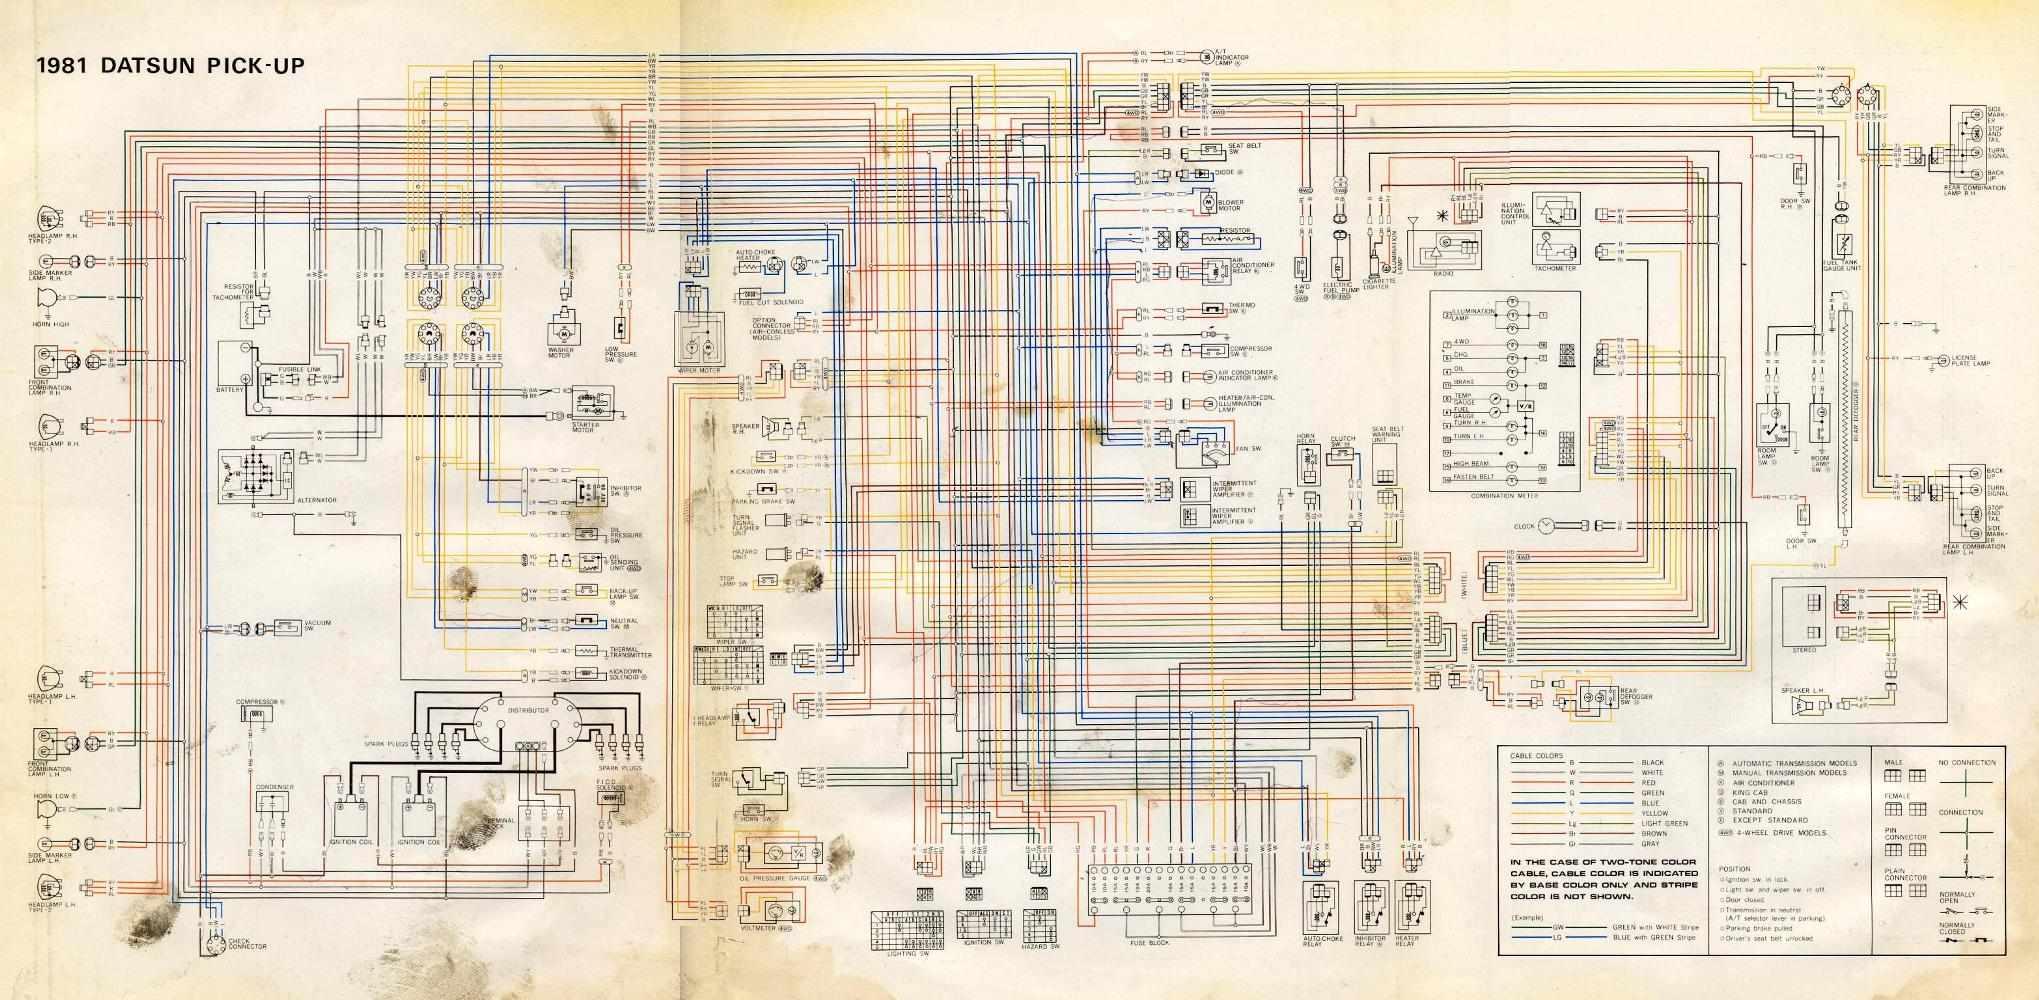 bluebird alternator wiring schematics simple wiring schema simplicity wiring schematic bluebird alternator wiring schematics [ 2039 x 1000 Pixel ]